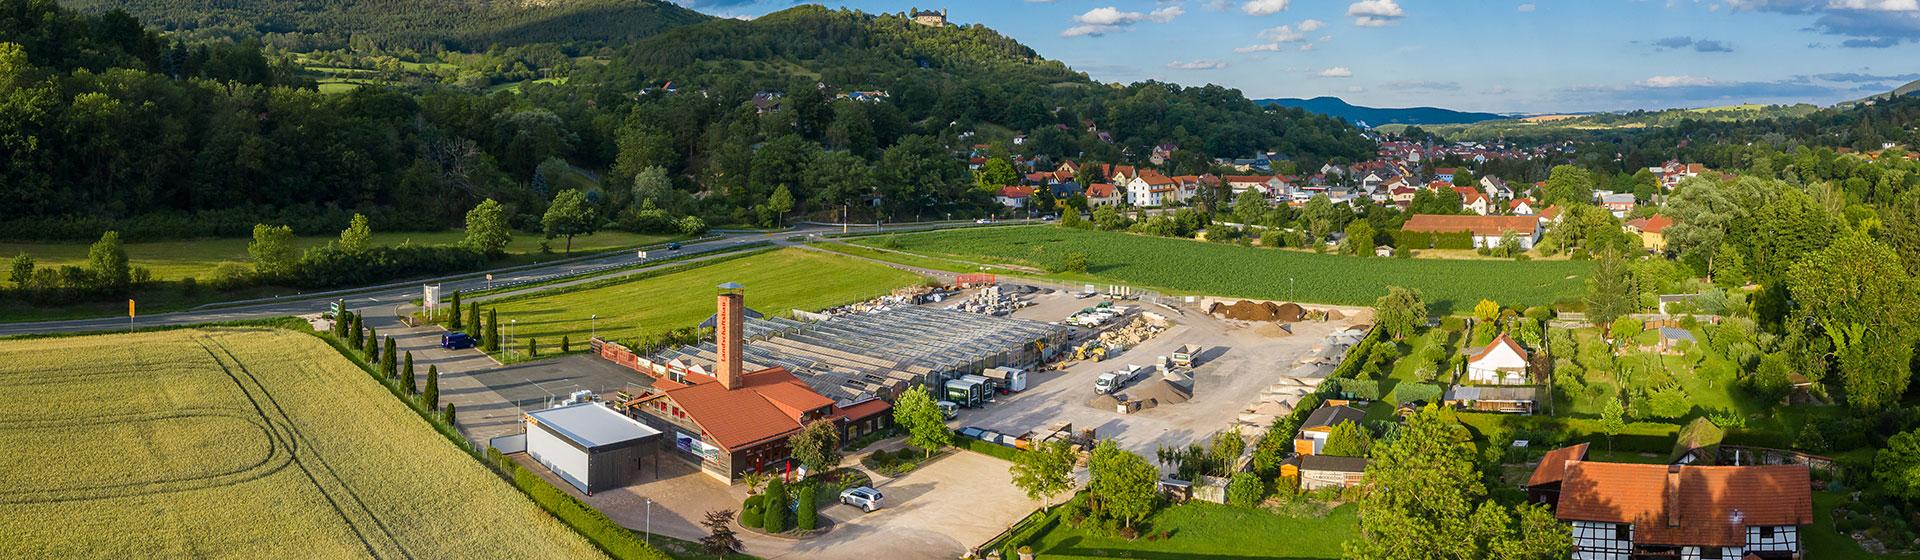 BIERBACH's's Gelände Drohnenperspektive